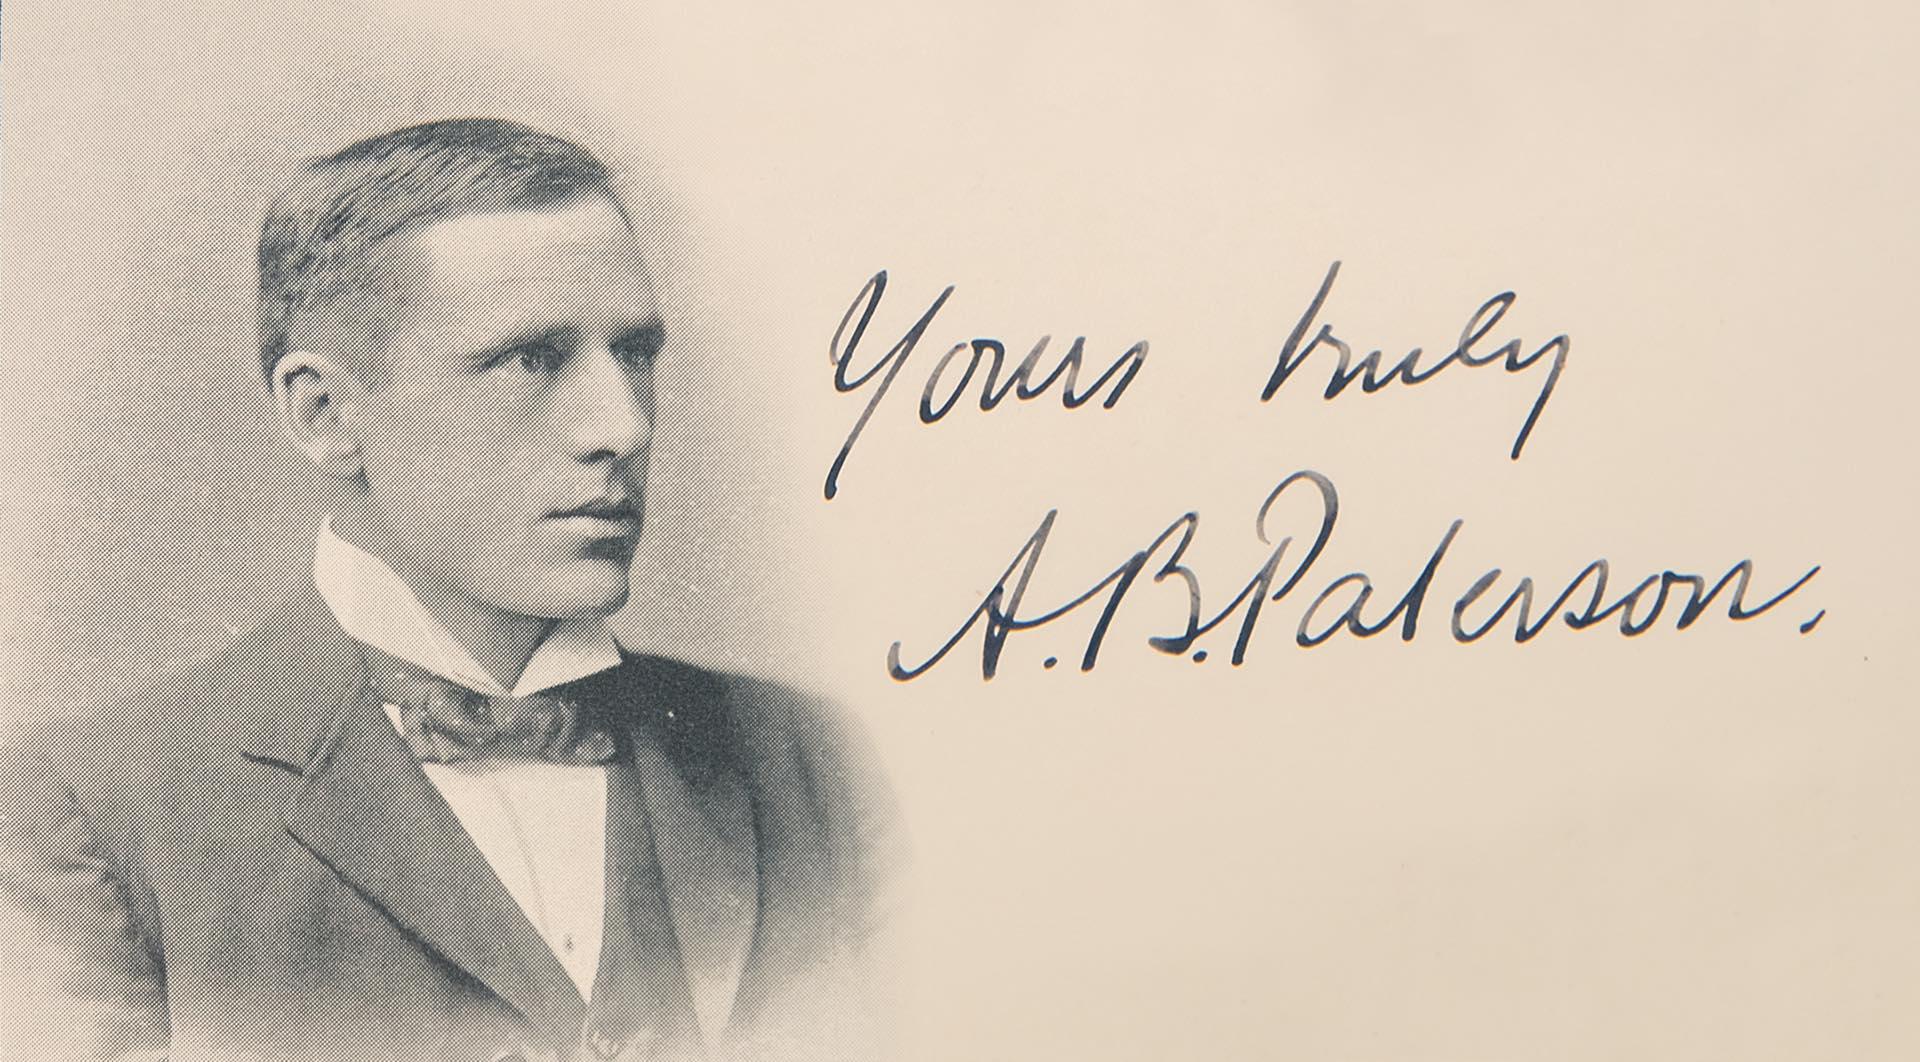 Banjo Paterson portrait and signature